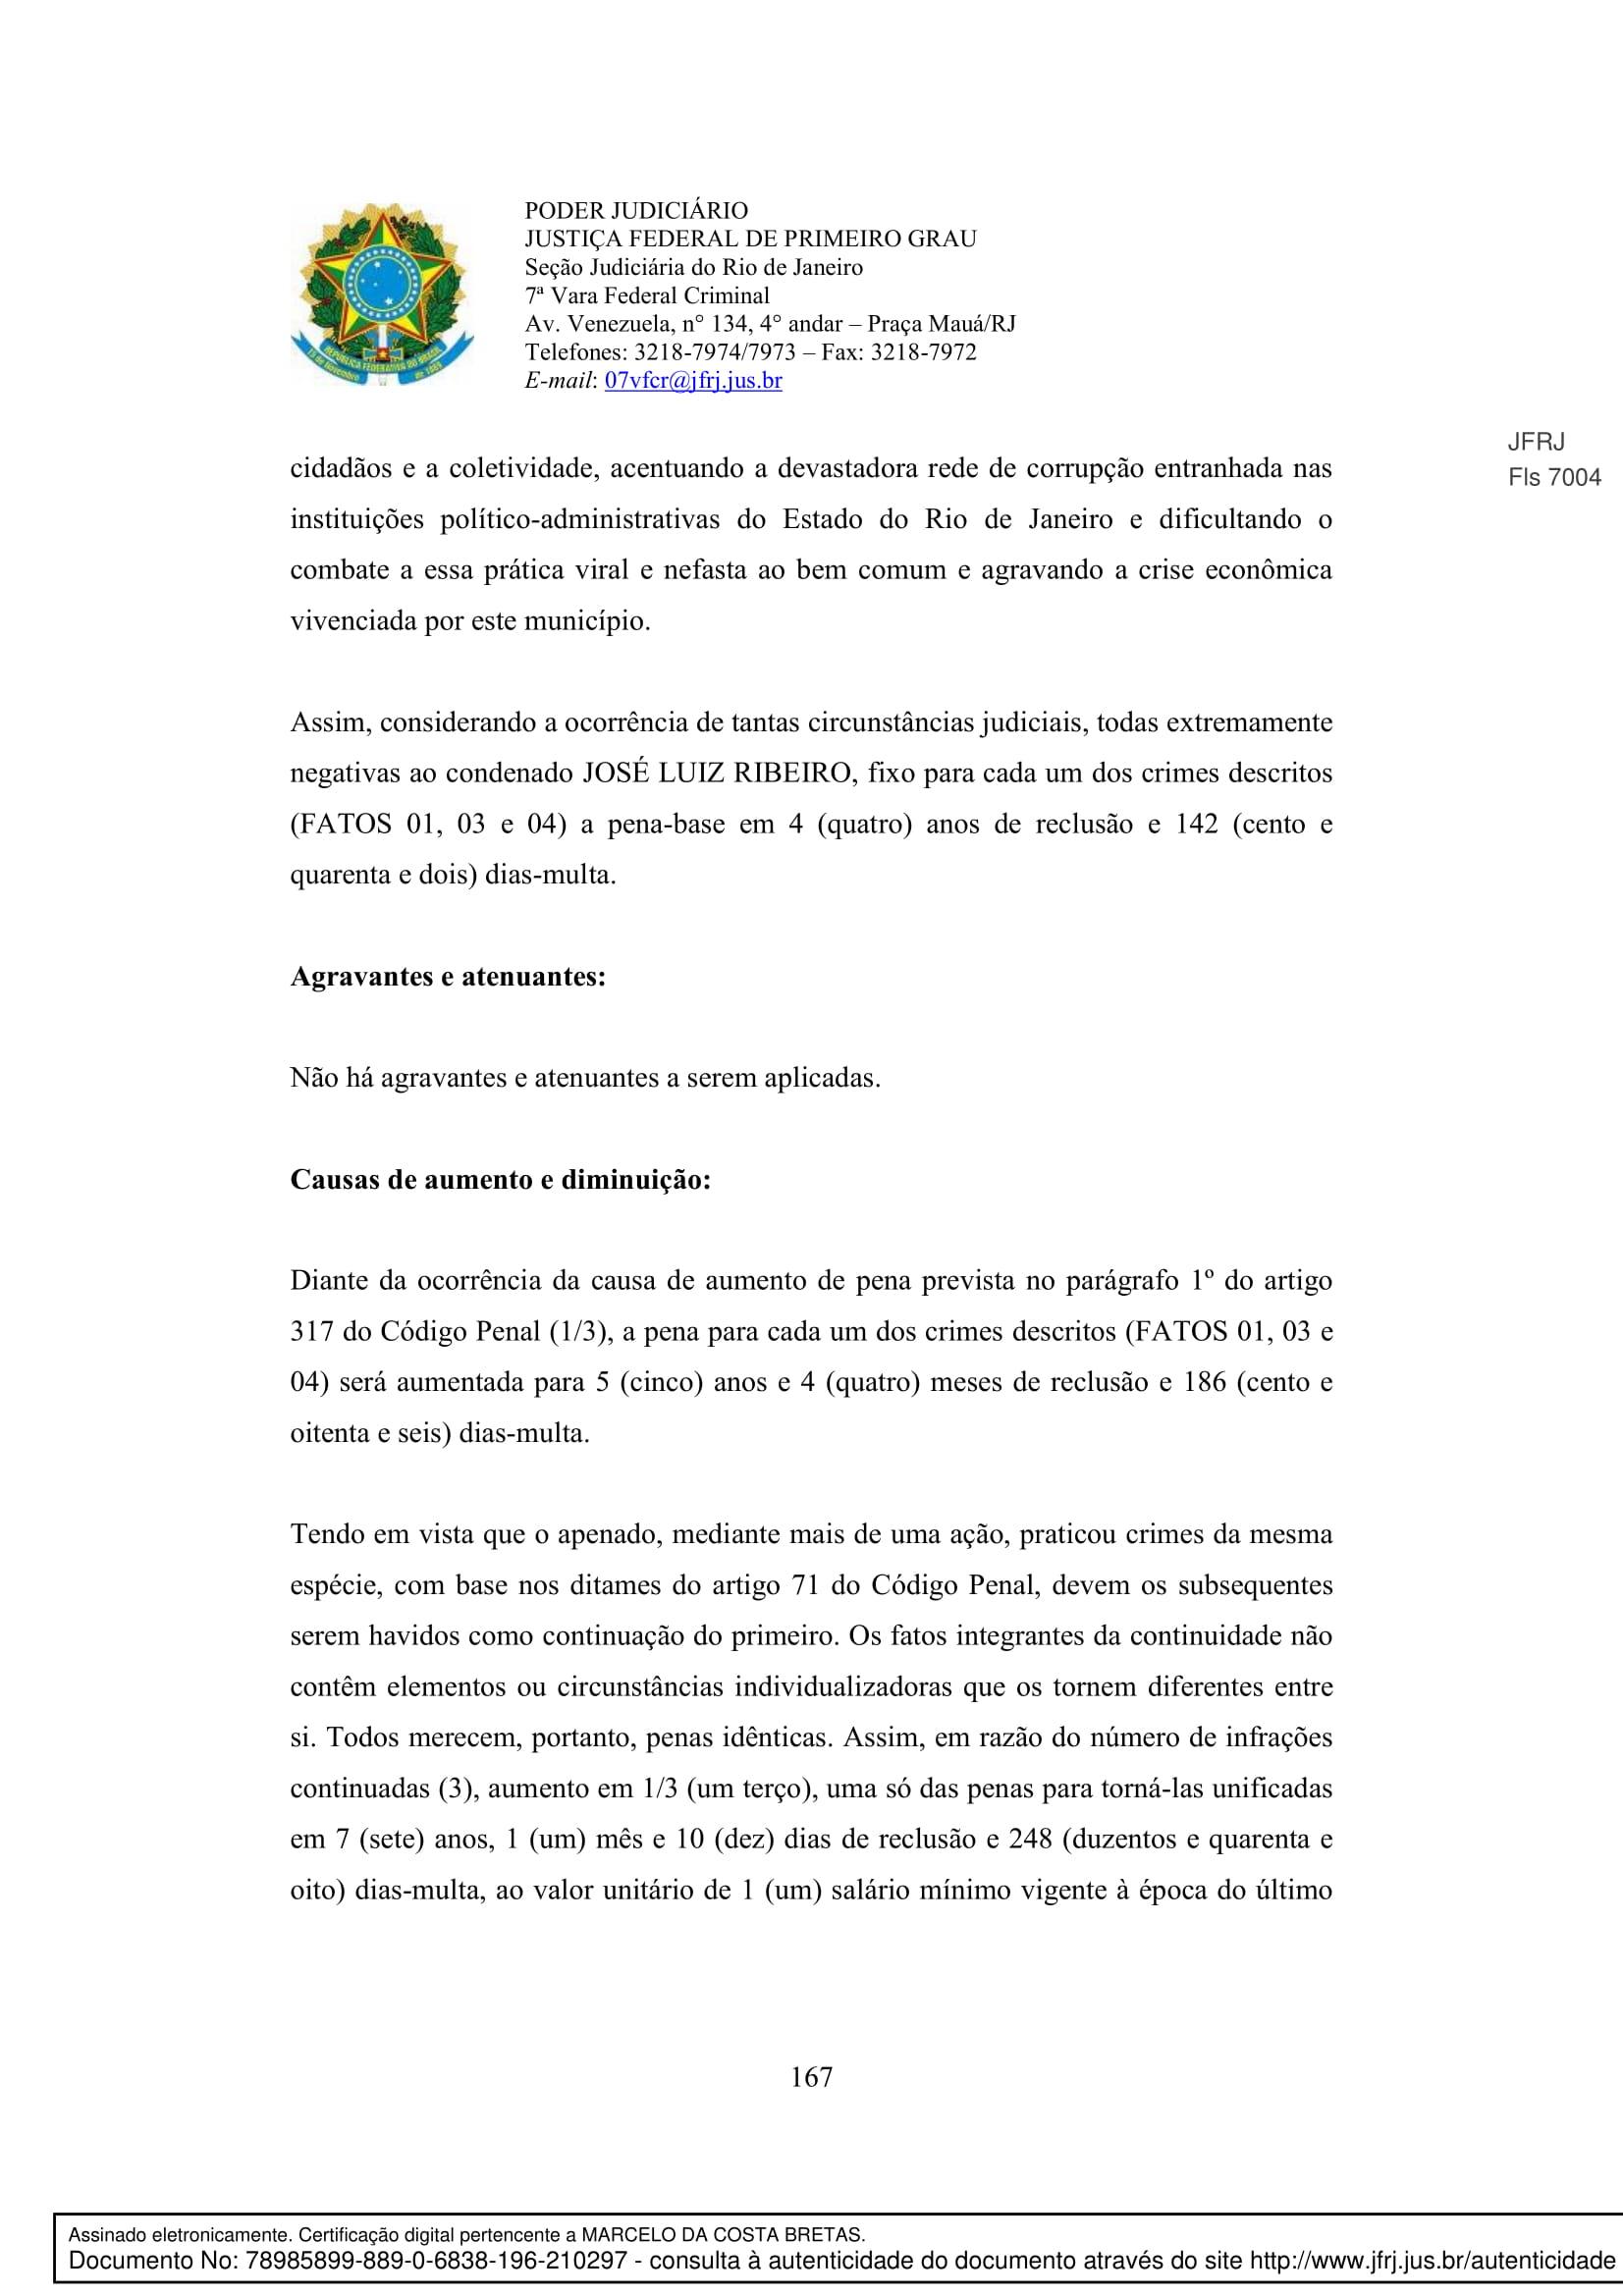 Sentenca-Cadeia-Velha-7VFC-167